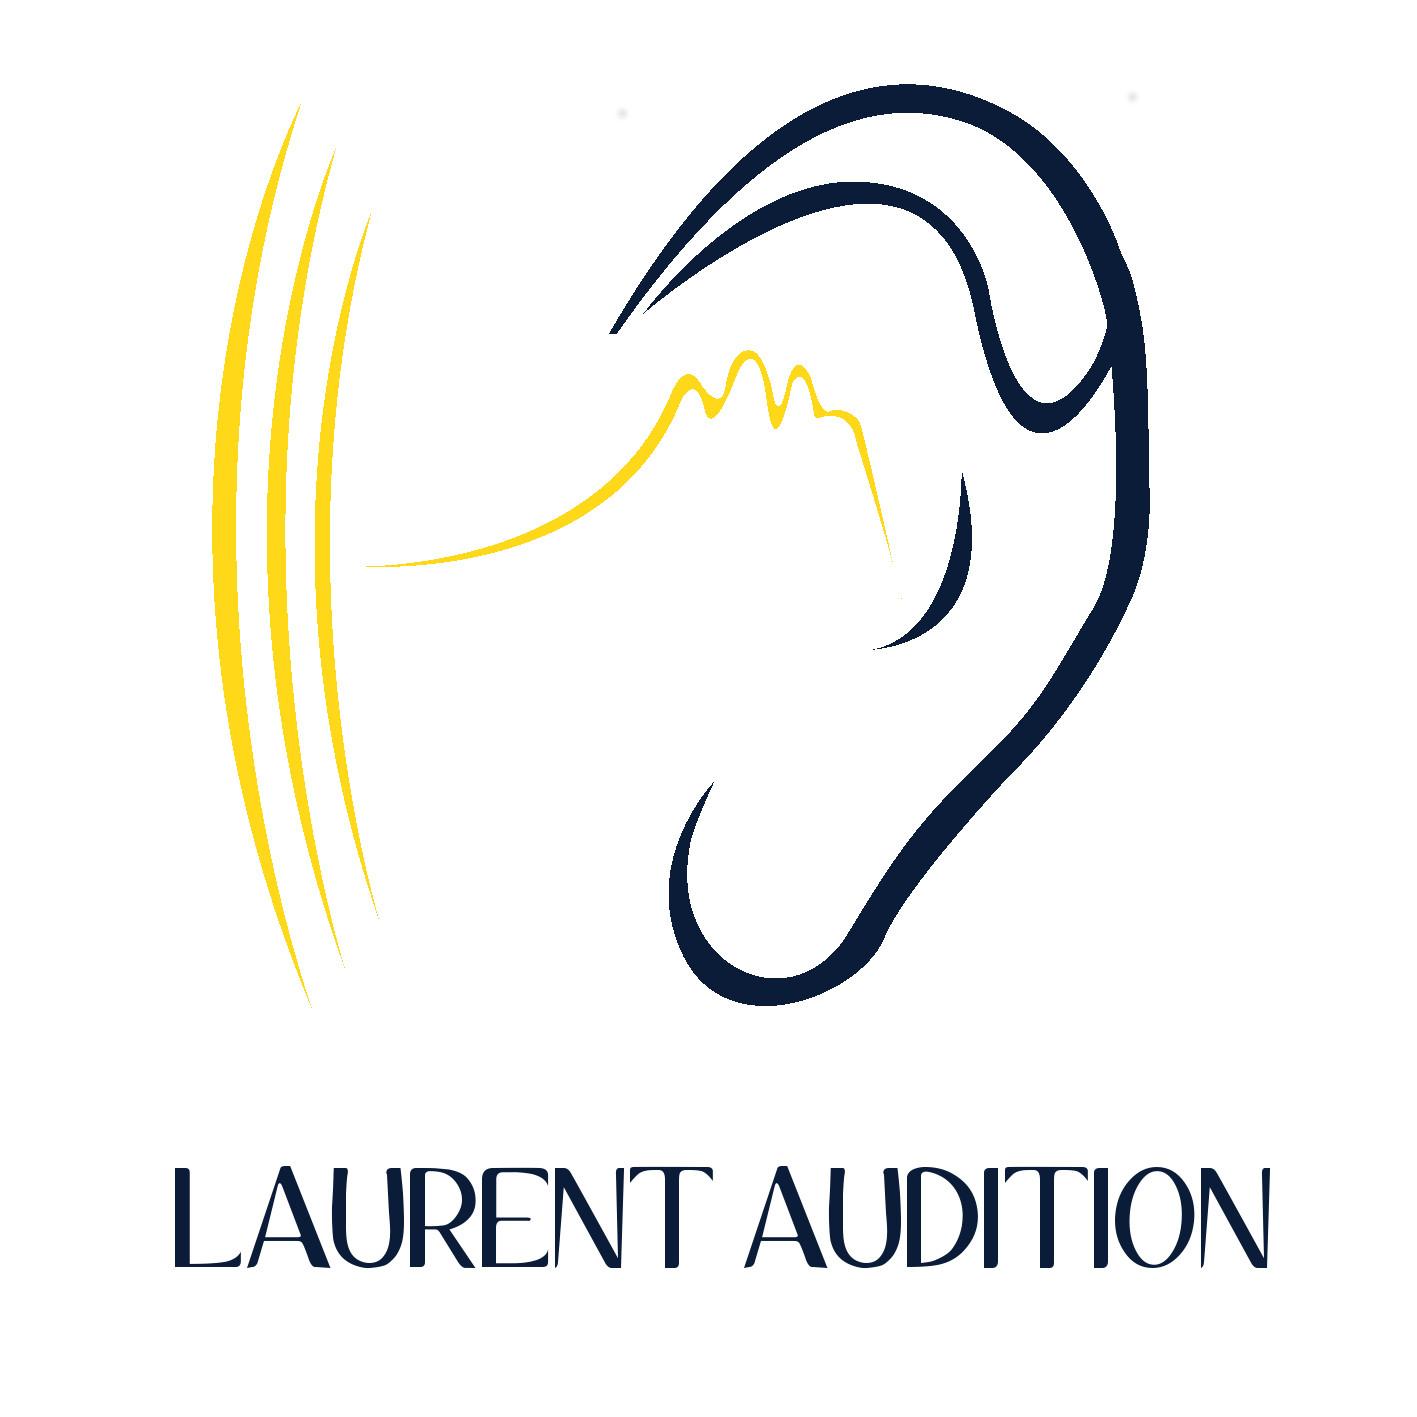 LAURENT AUDITION